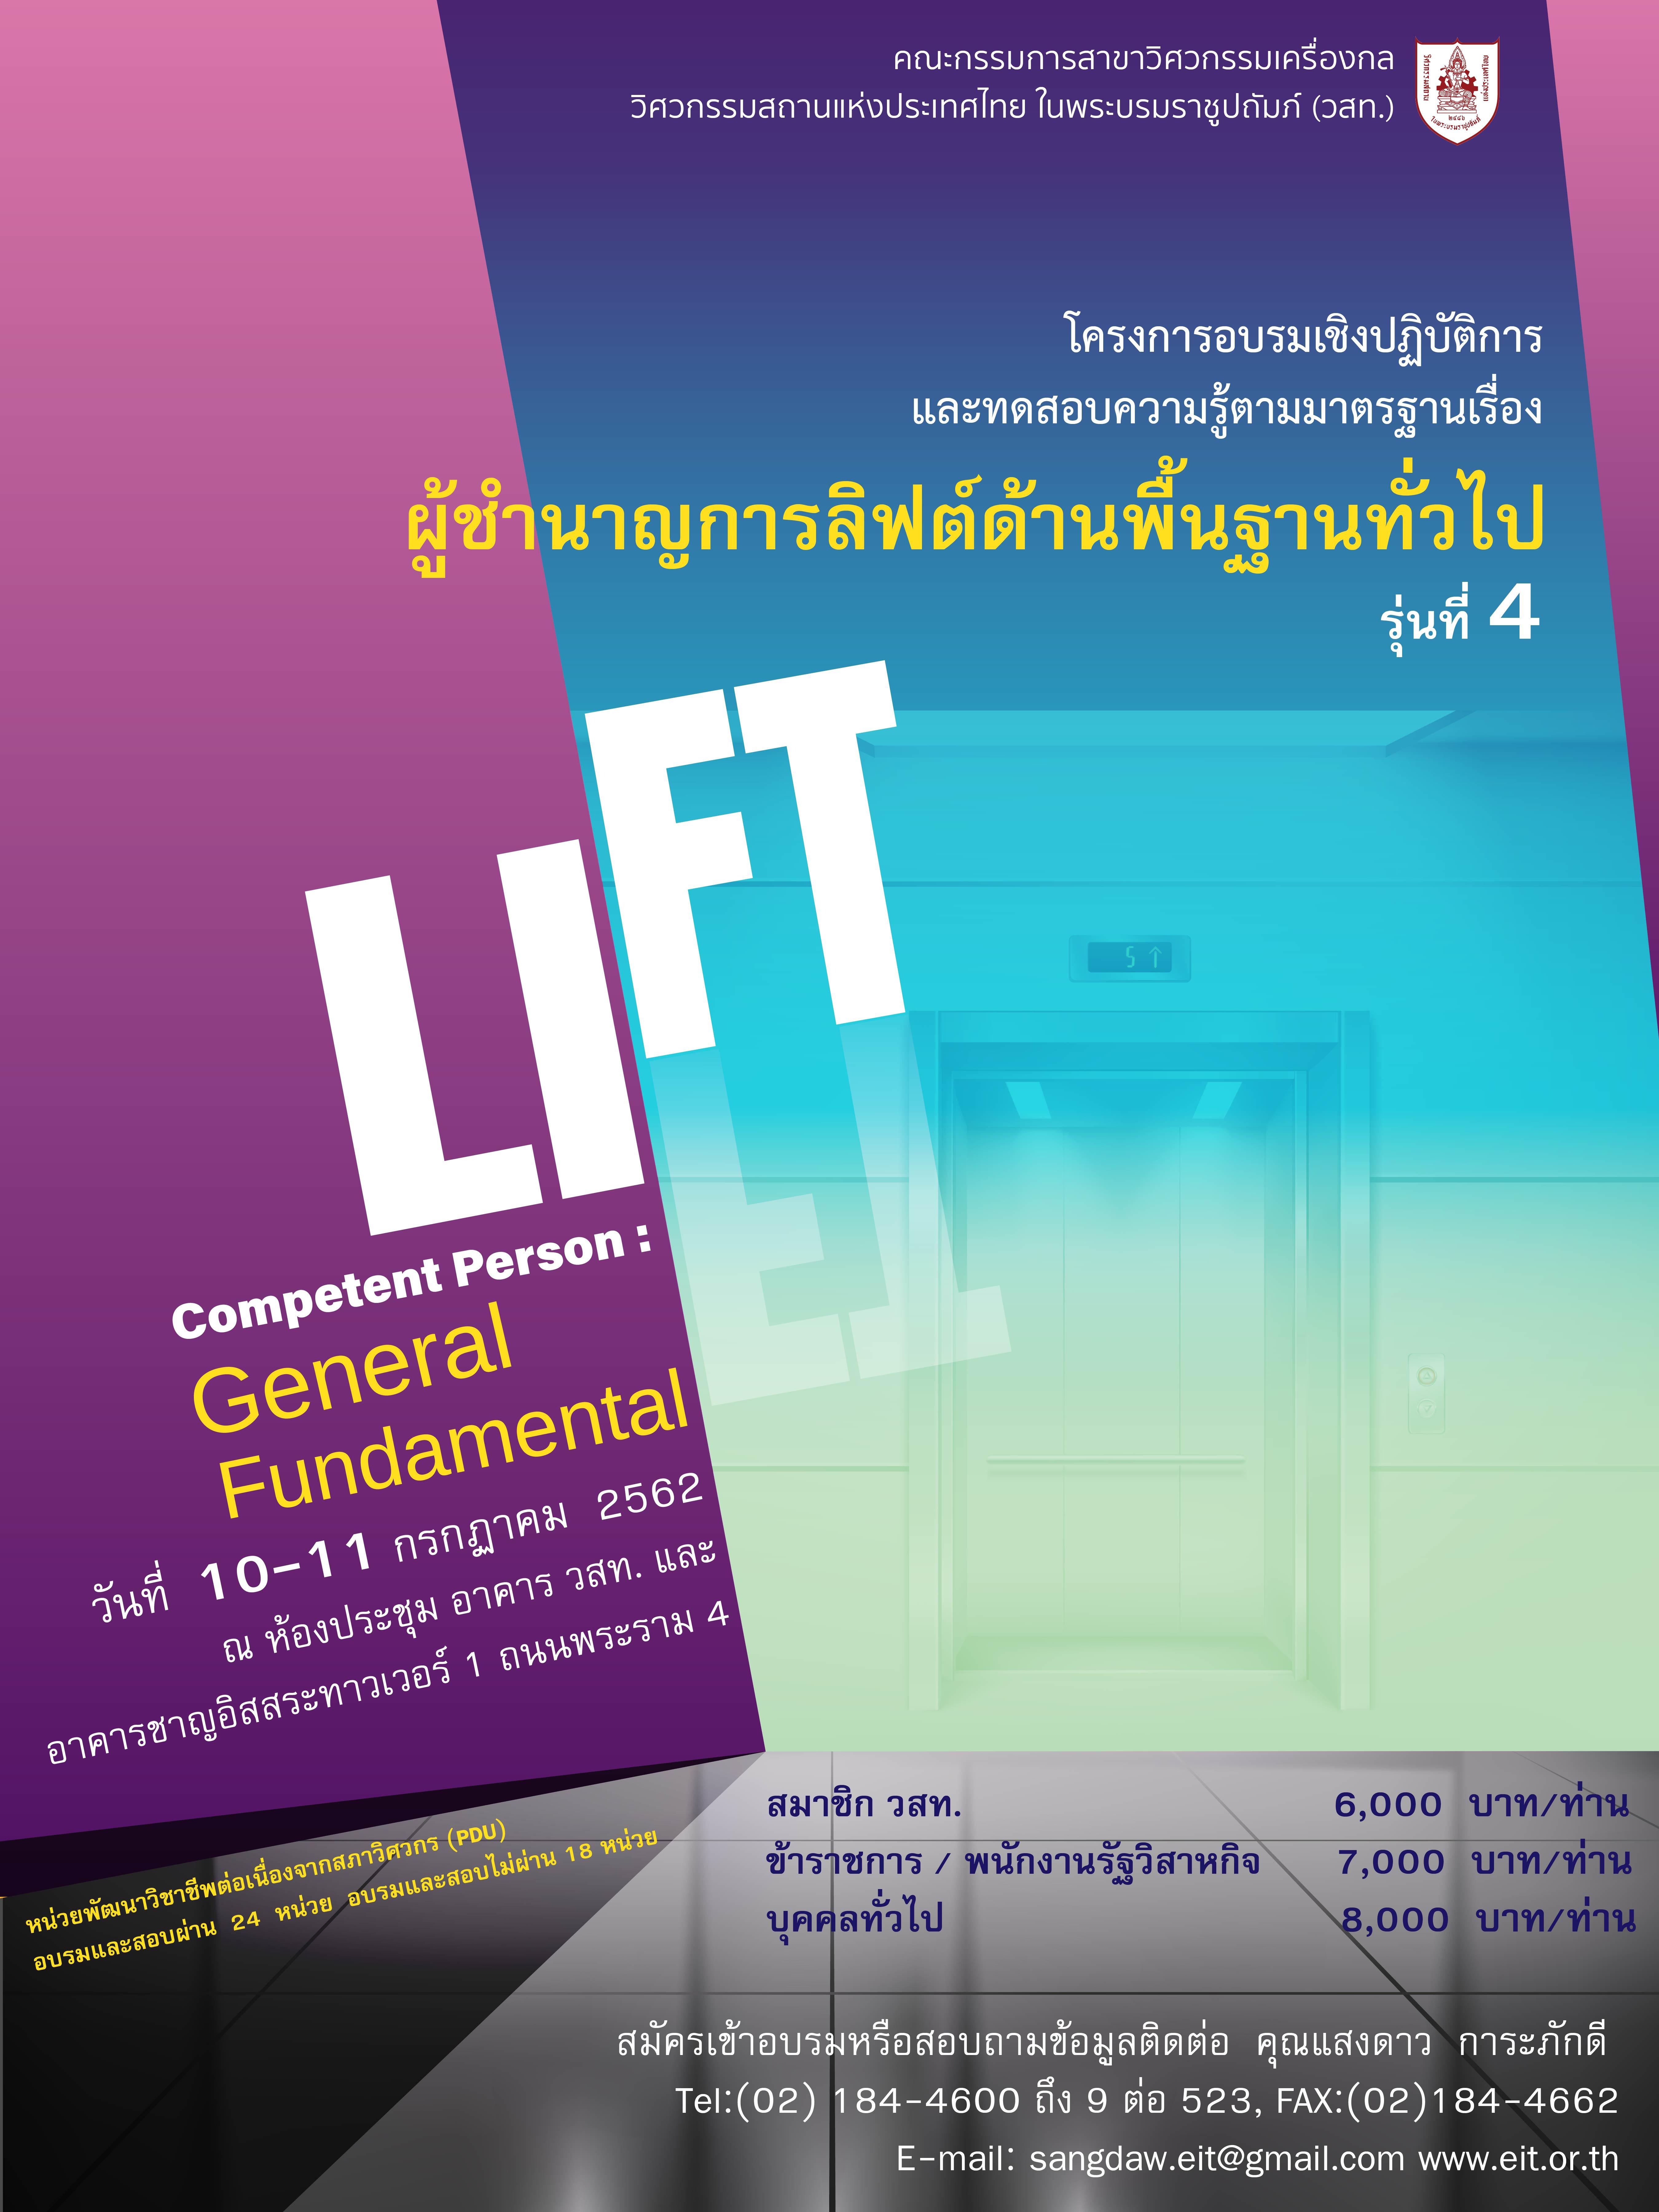 """โครงการอบรมเชิงปฏิบัติการและทดสอบความรู้ตามมาตรฐานเรื่อง"""" ผู้ชำนาญการลิฟต์ด้านพื้นฐานทั่วไป (Lift Competent Person : General Fundamental)""""รุ่นที่ 4 (ยกเลิก)"""